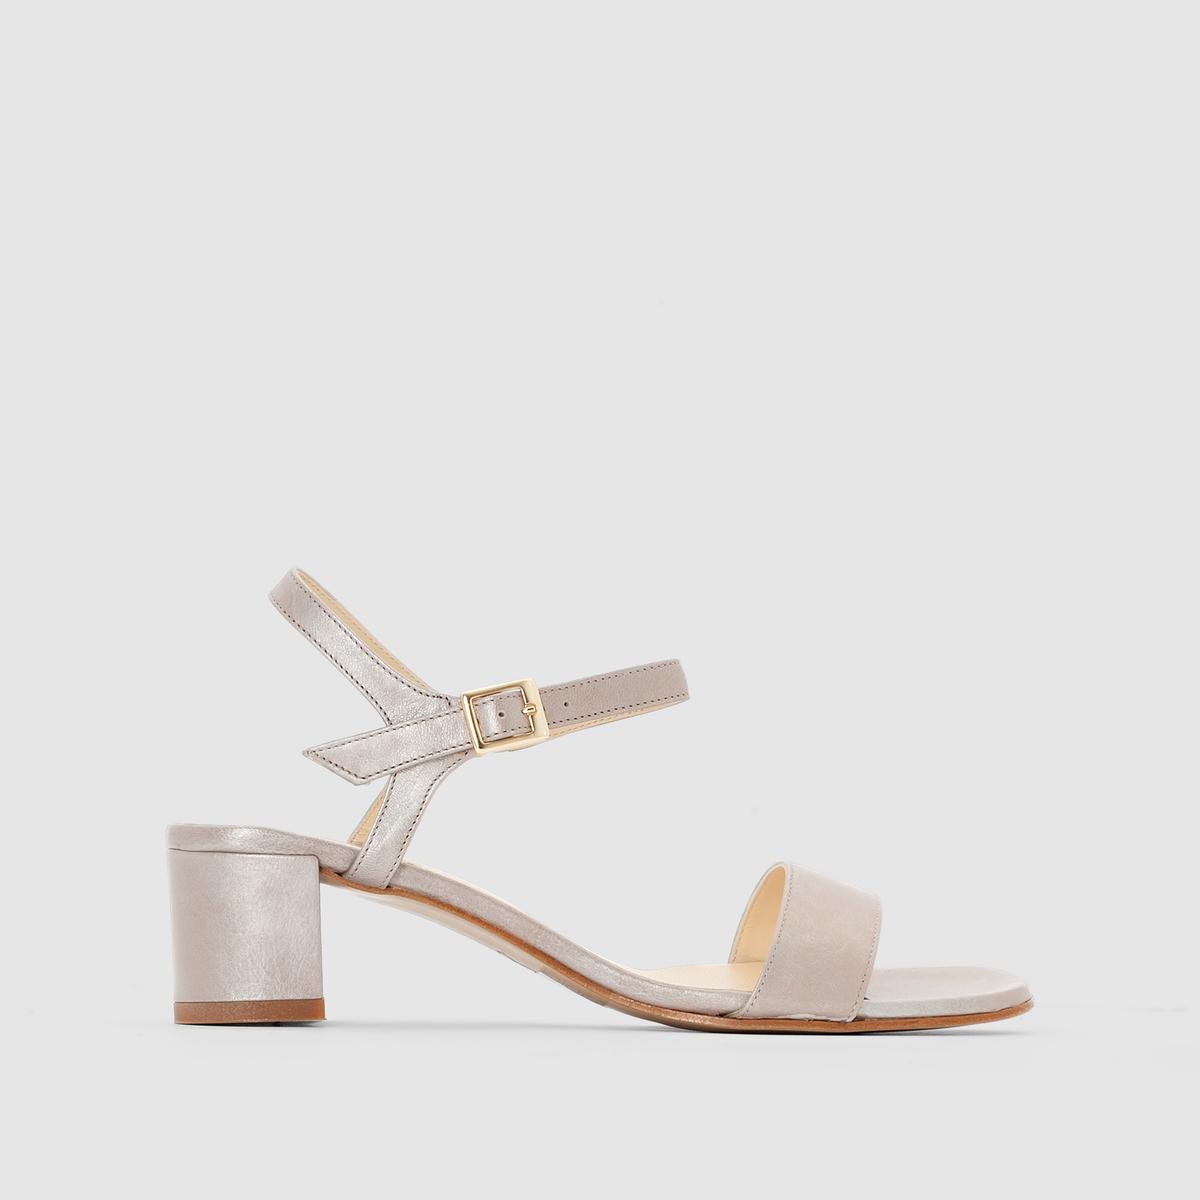 Босоножки из кожи - ELIZABETH STUART SIMВерх из мягкой и приятной на ощупь кожи с переливами, модный дизайн и подчеркнутая высоким каблуком женственность походки: этим летом такие сандалии станут незаменимым элементом Вашего гардероба!<br><br>Цвет: бежевый с блеском<br>Размер: 41